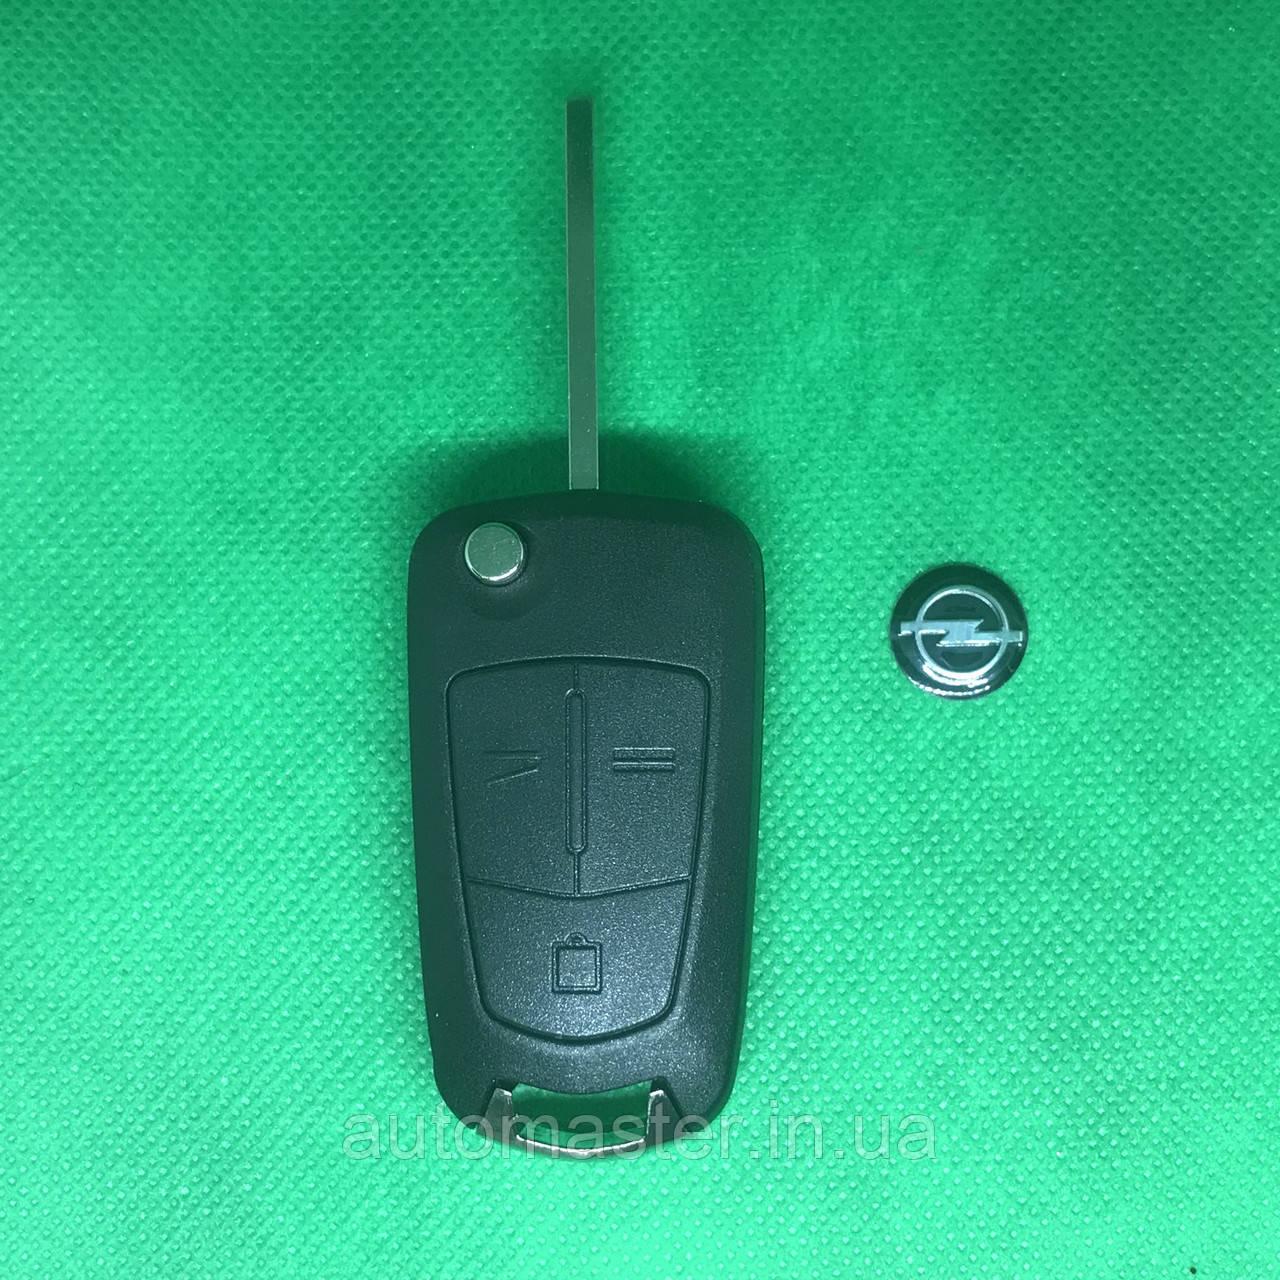 Выкидной ключ для Opel Vectra C, Signum (Опель) 3 кнопки, PCF7946/433 MHZ